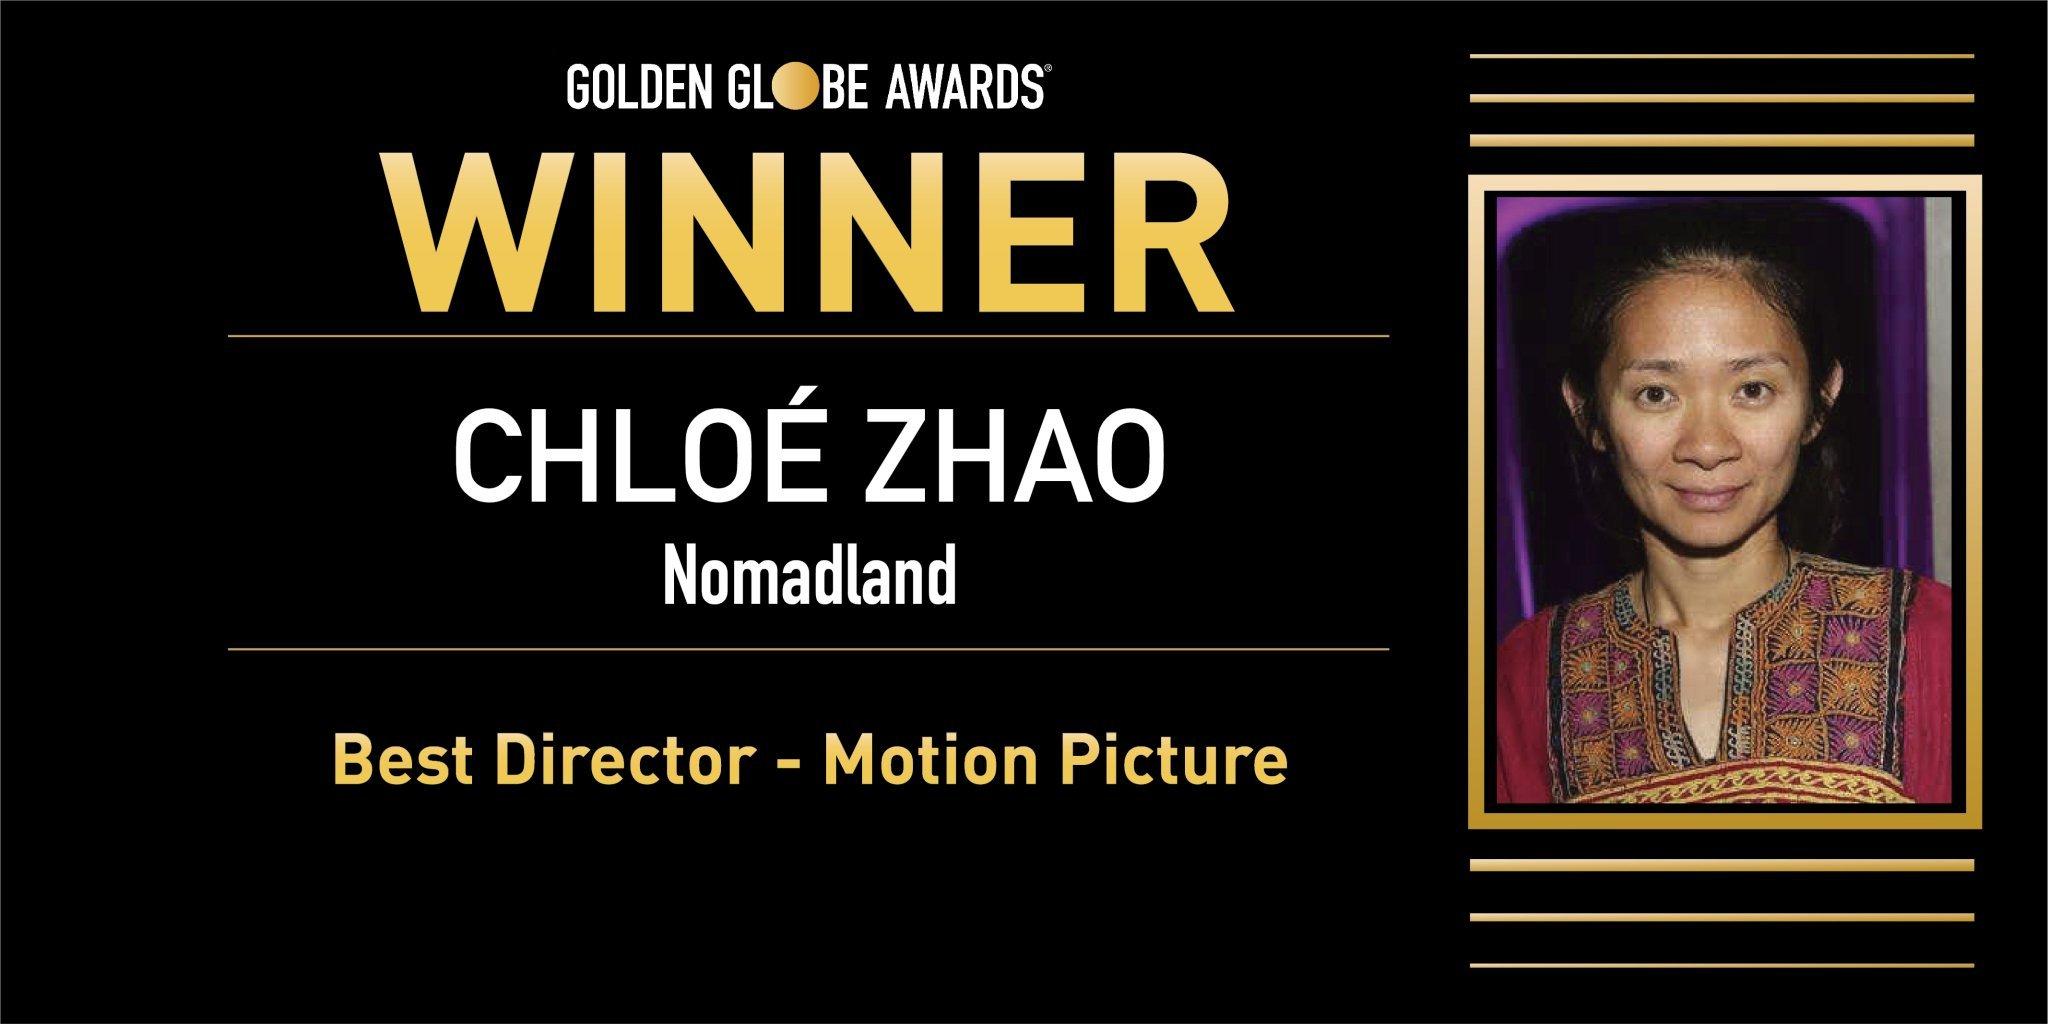 赵婷成史上第一位获得金球奖最佳导演的中国女导演